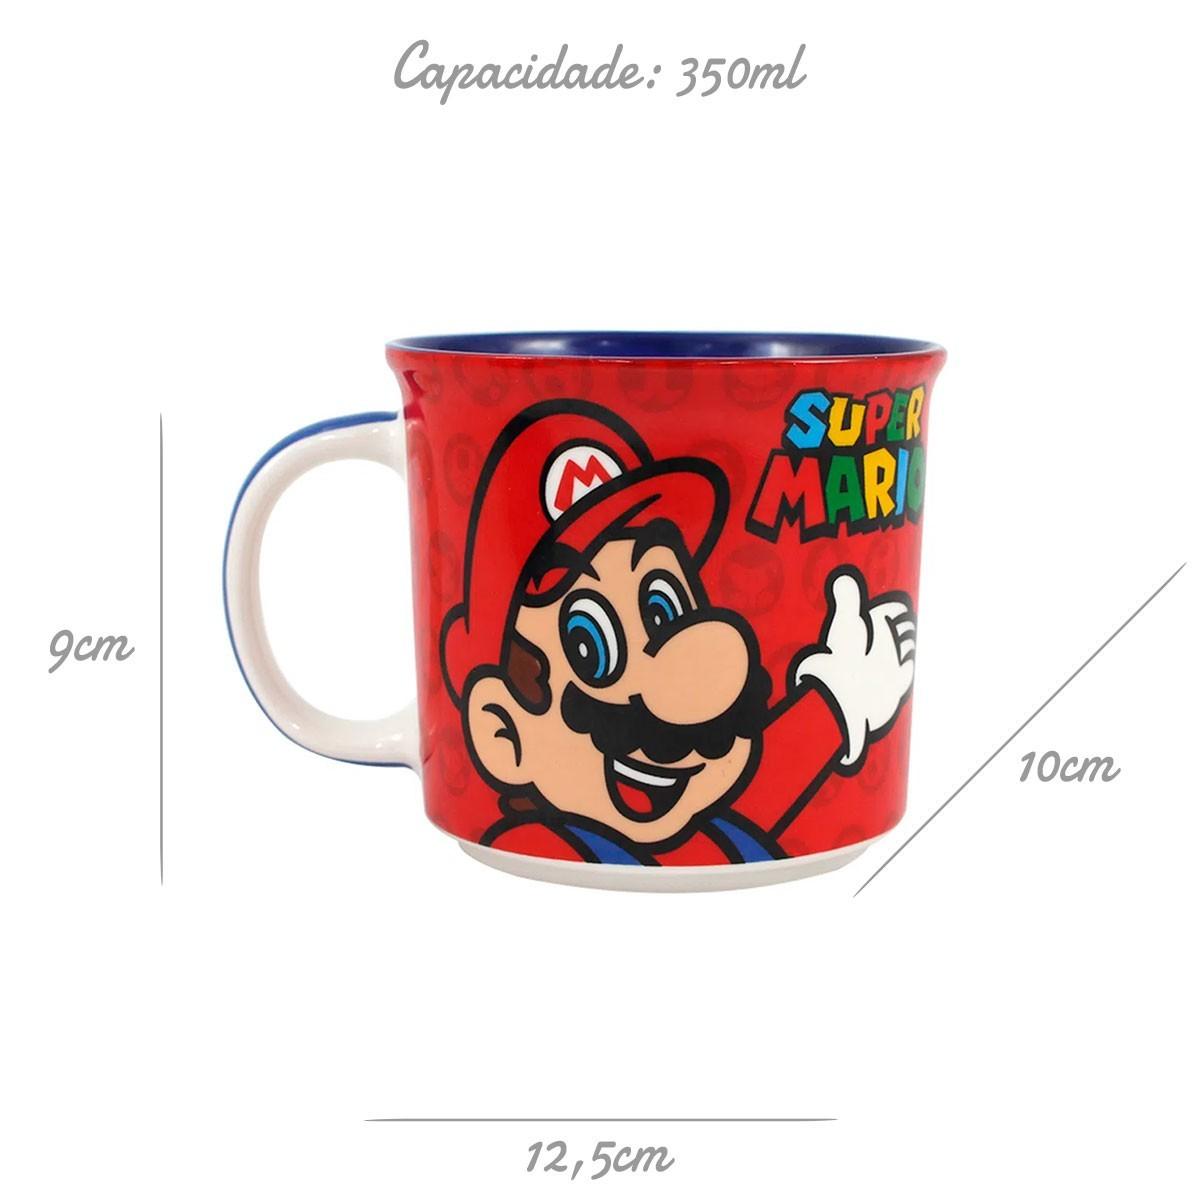 Caneca de Cerâmica Super Mario  350 ml